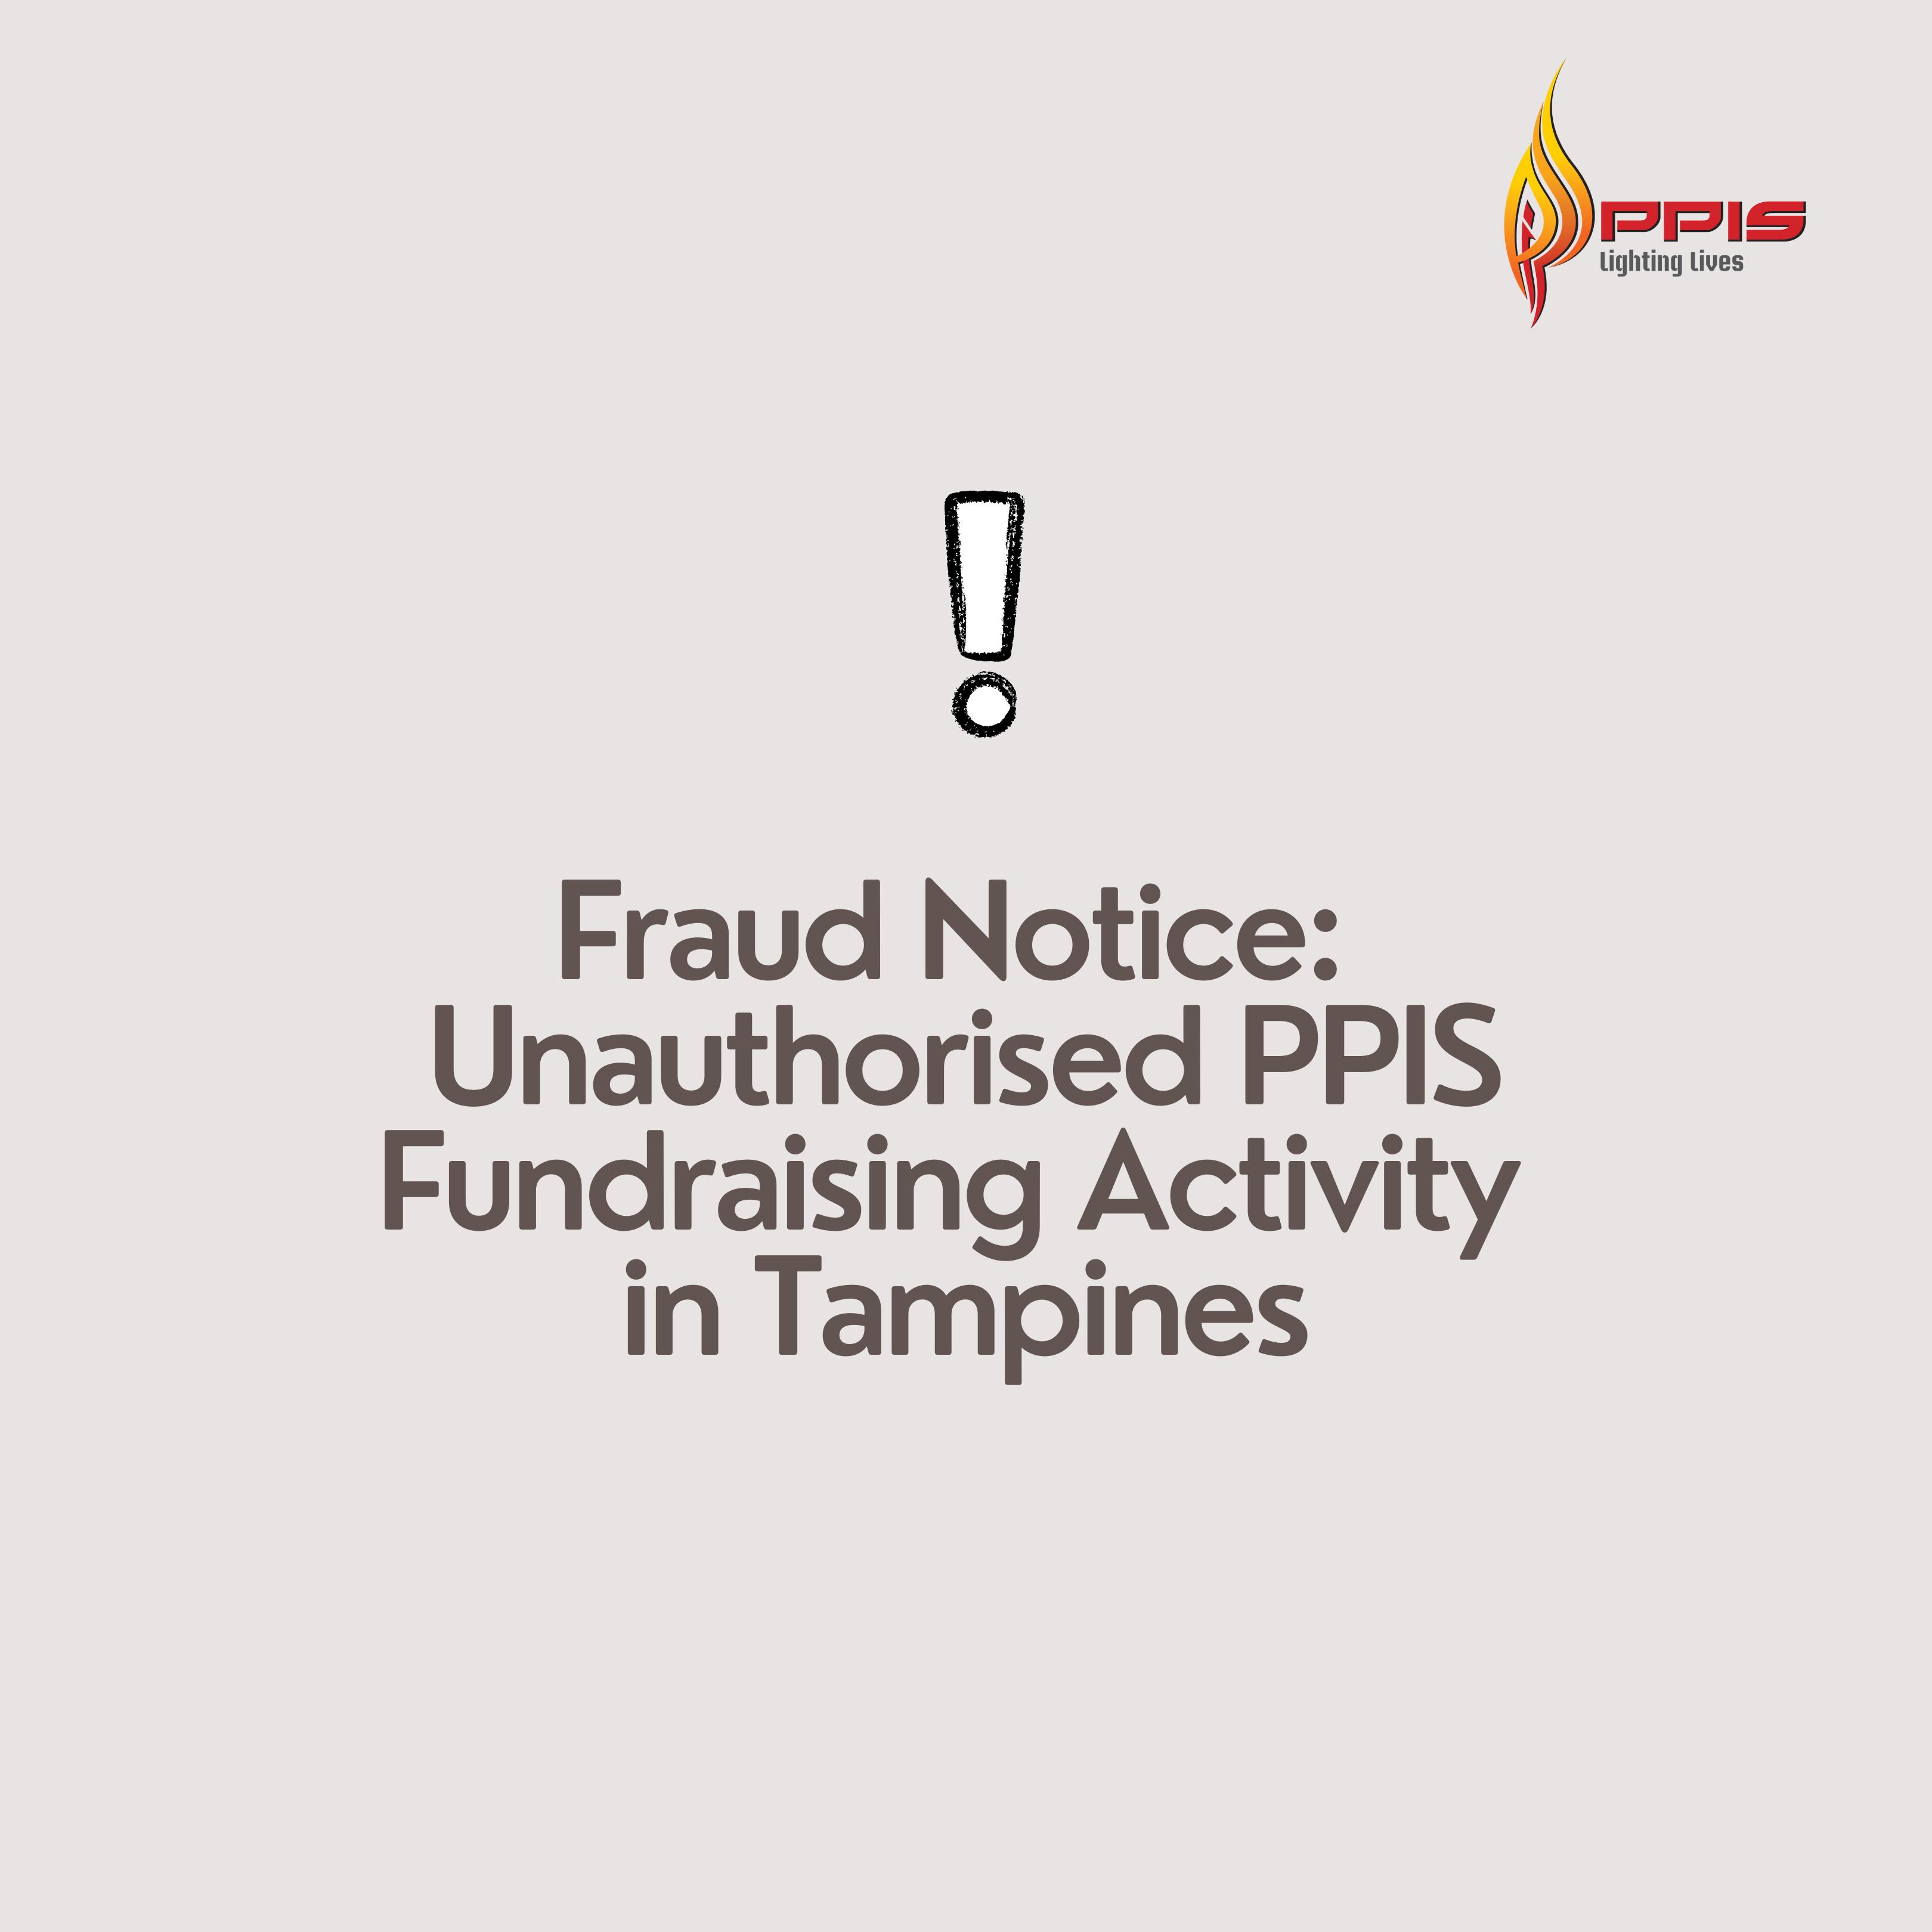 Fraud Notice